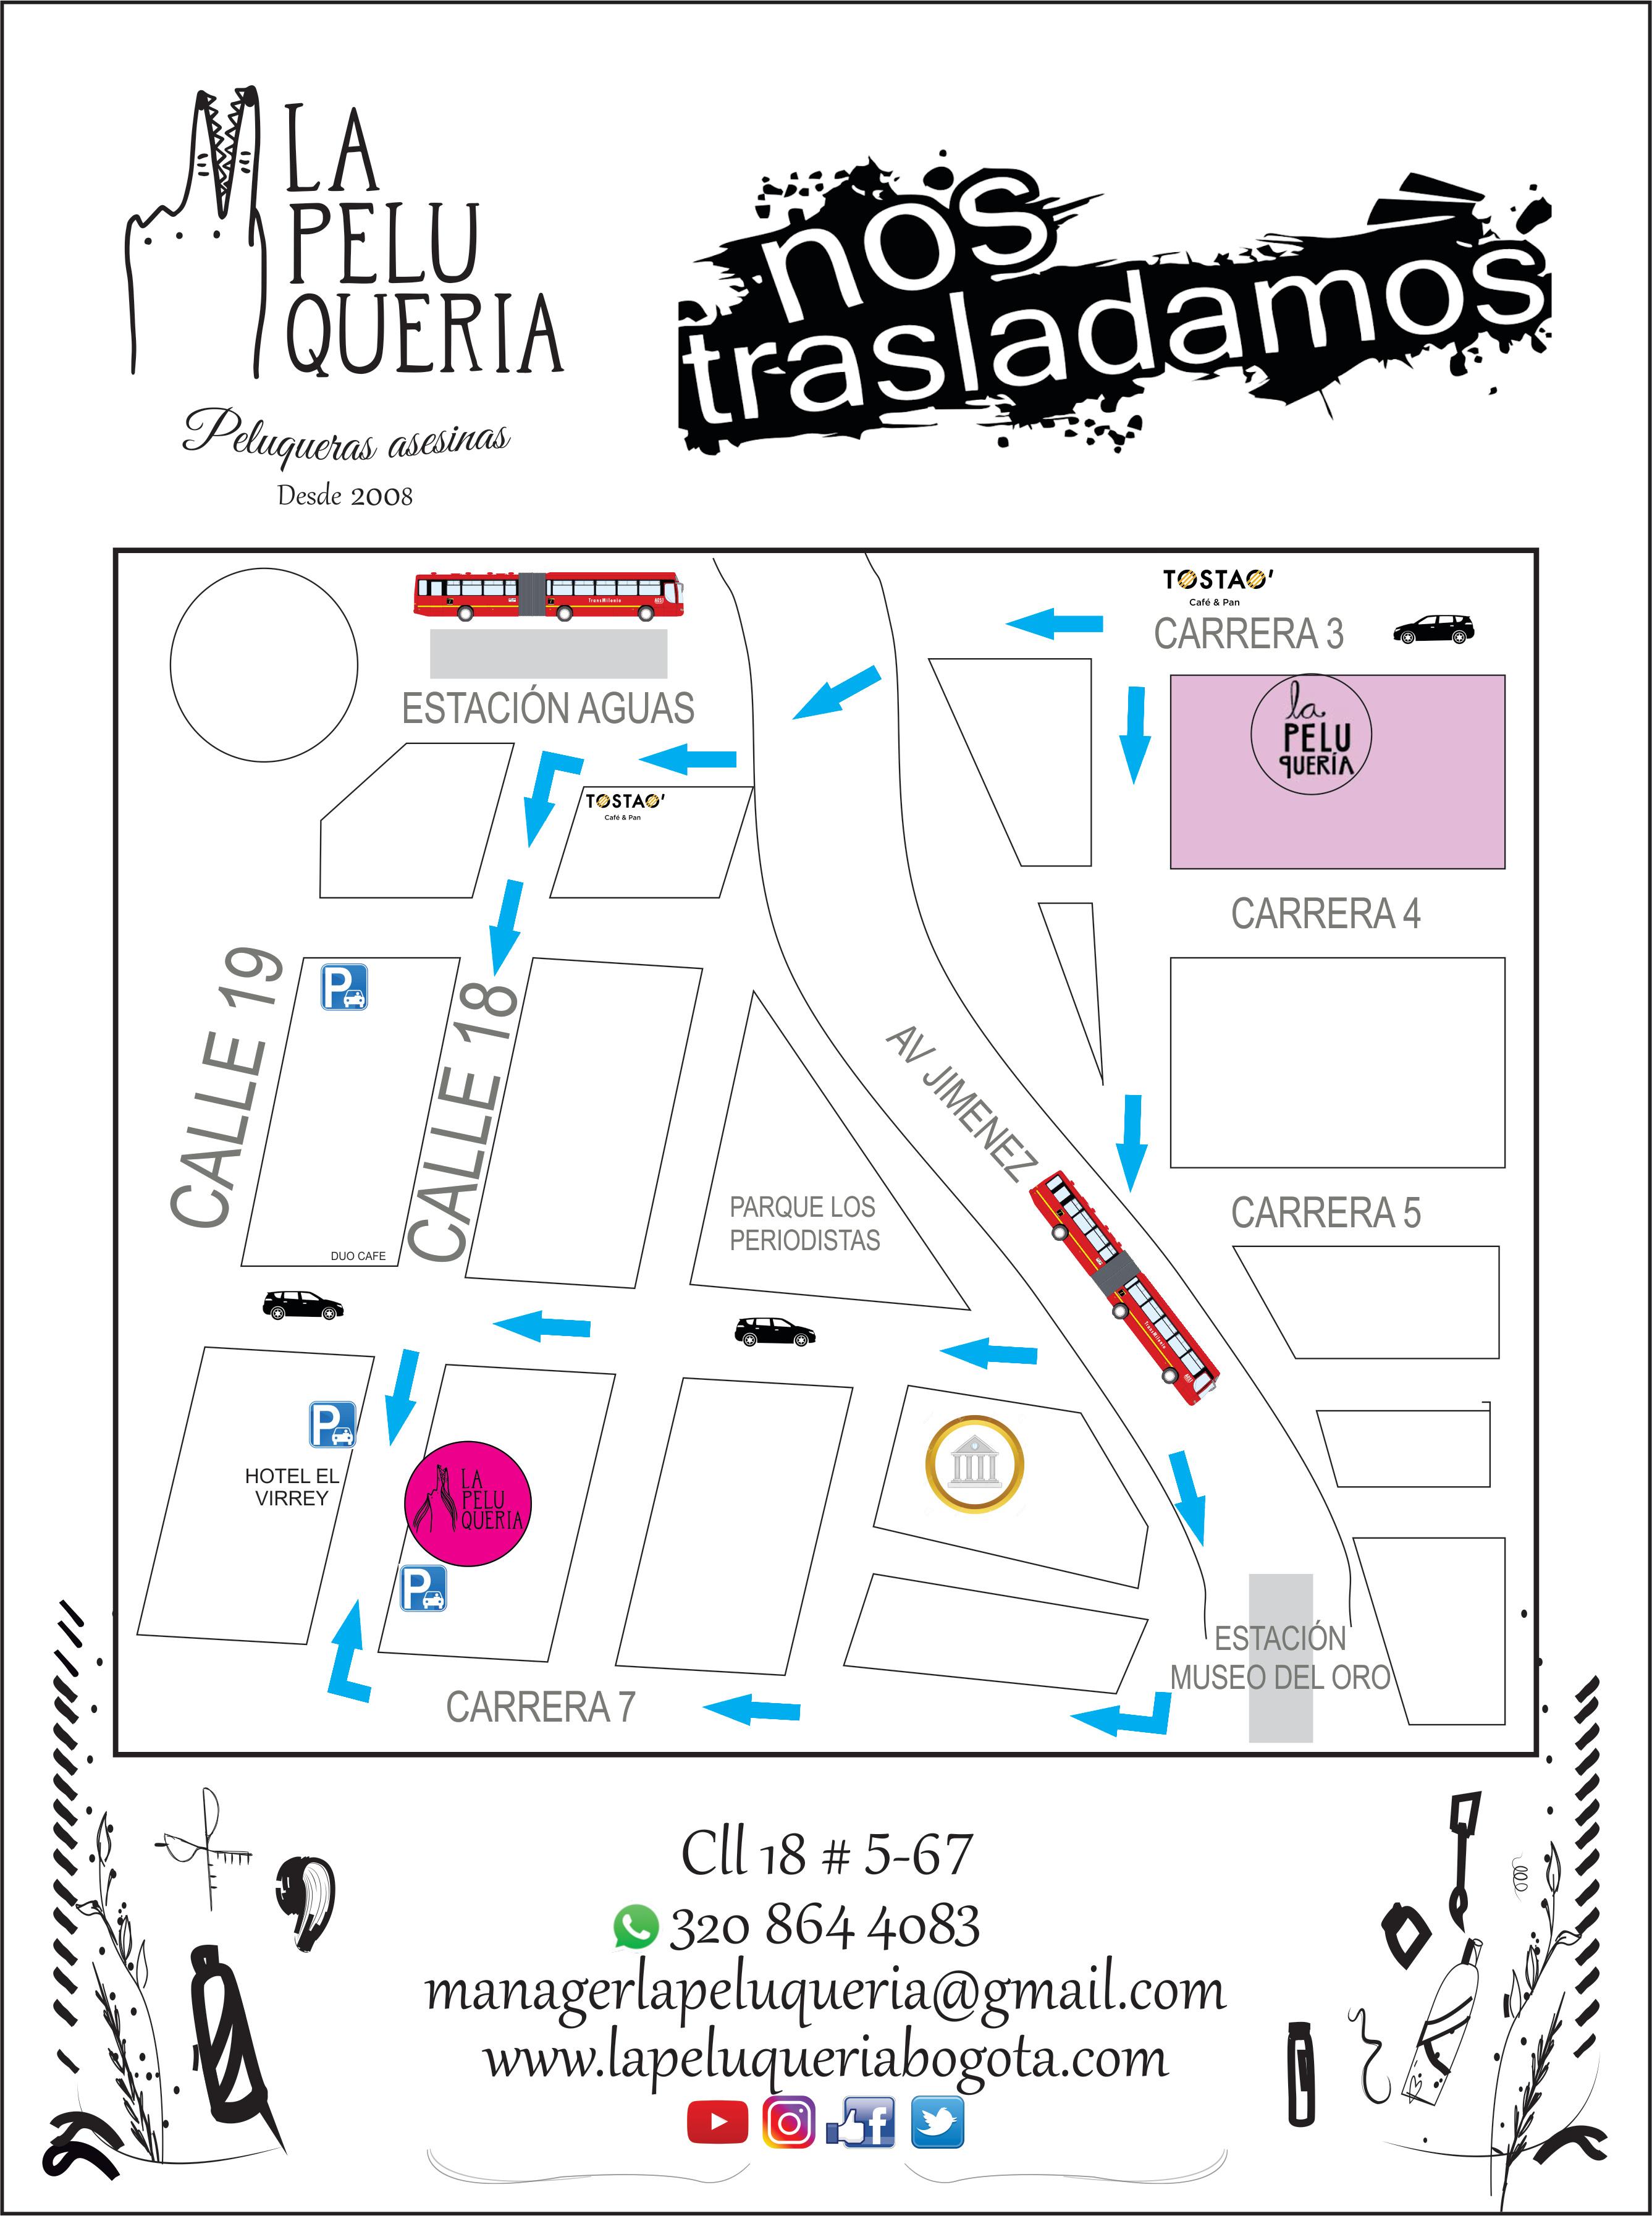 MAPA 555 nueva sede